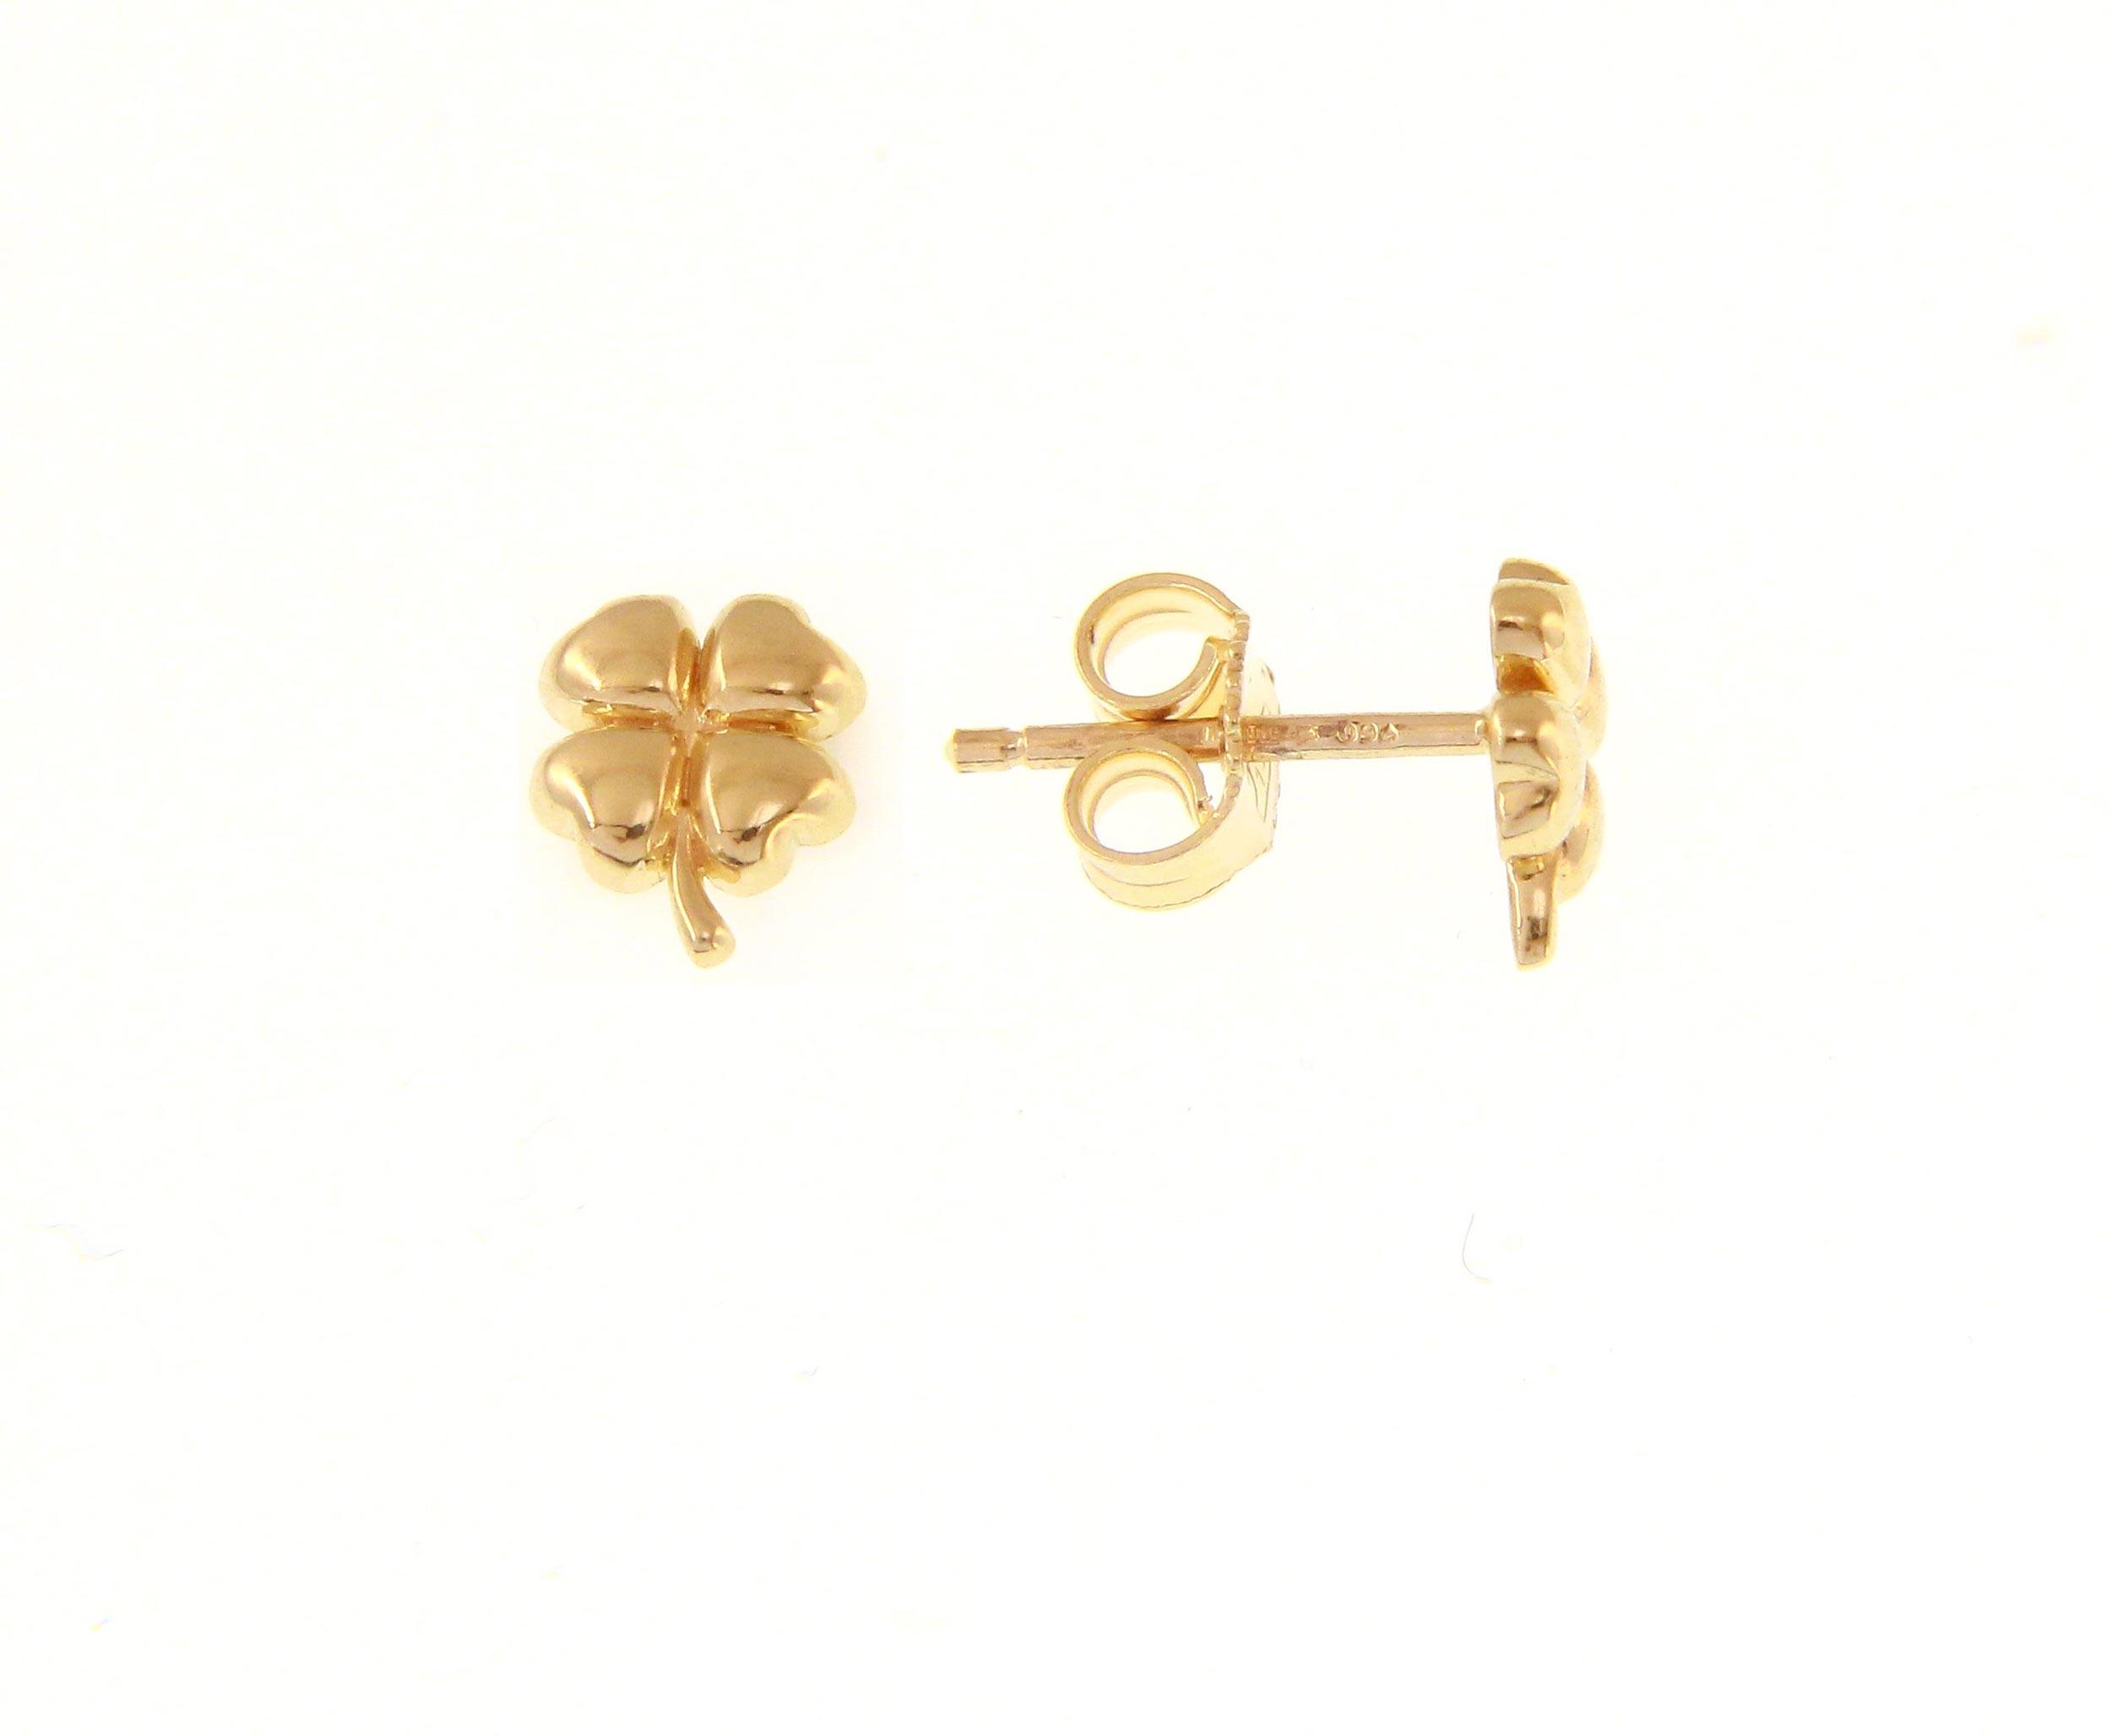 Beautiful 18ct Yellow Gold Babies Earrings